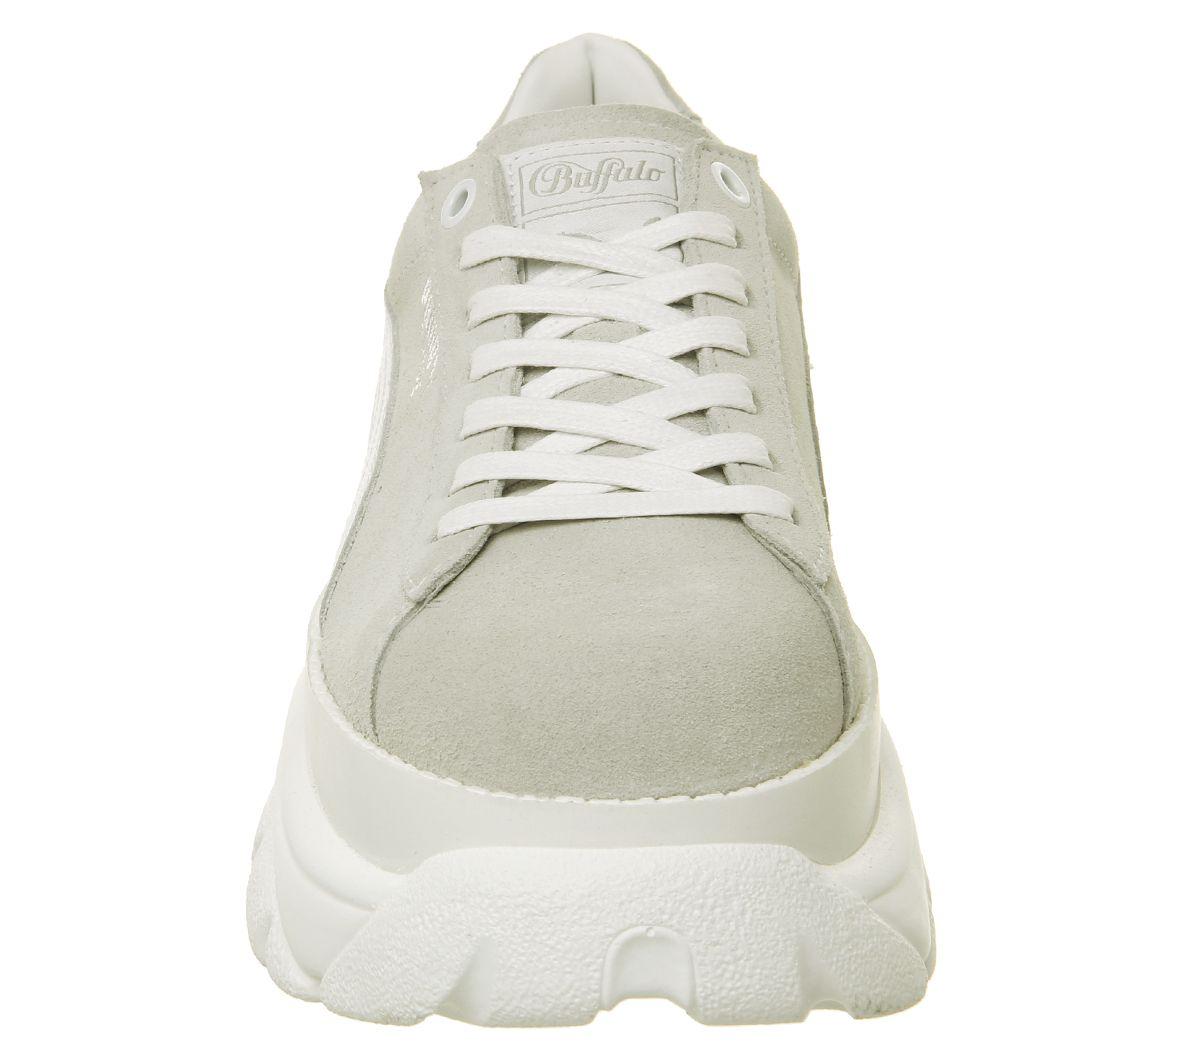 nouveaux styles 62fc9 636d3 Détails sur Chaussures femme PUMA daim Buffalo PUMA Blanc Baskets  Chaussures- afficher le titre d'origine